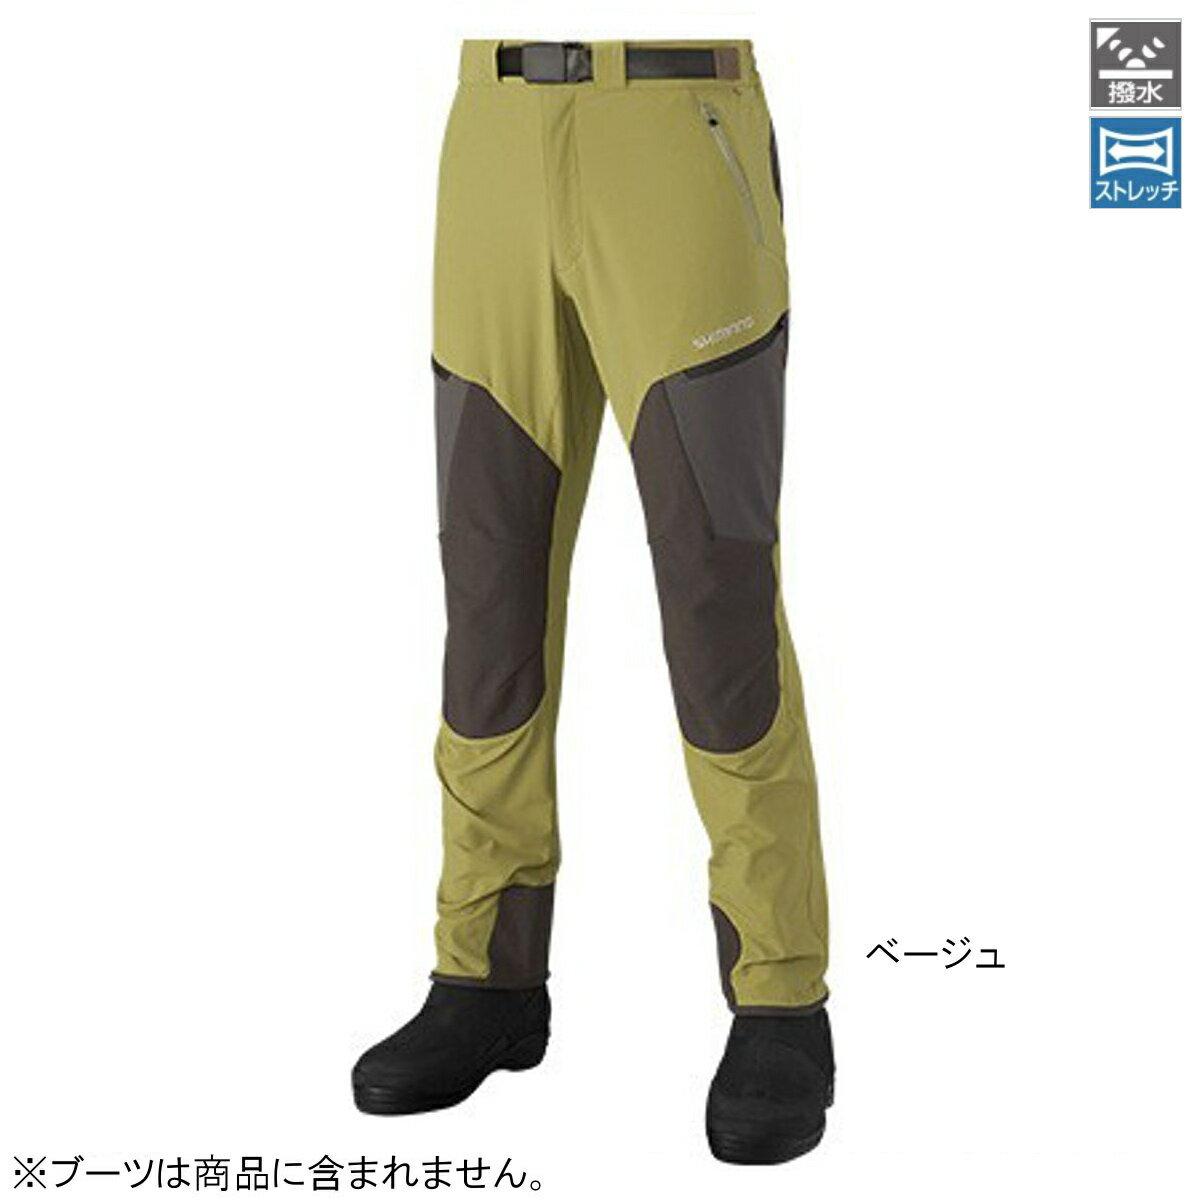 シマノ 撥水ストレッチパンツ PA-041R M ベージュ【送料無料】